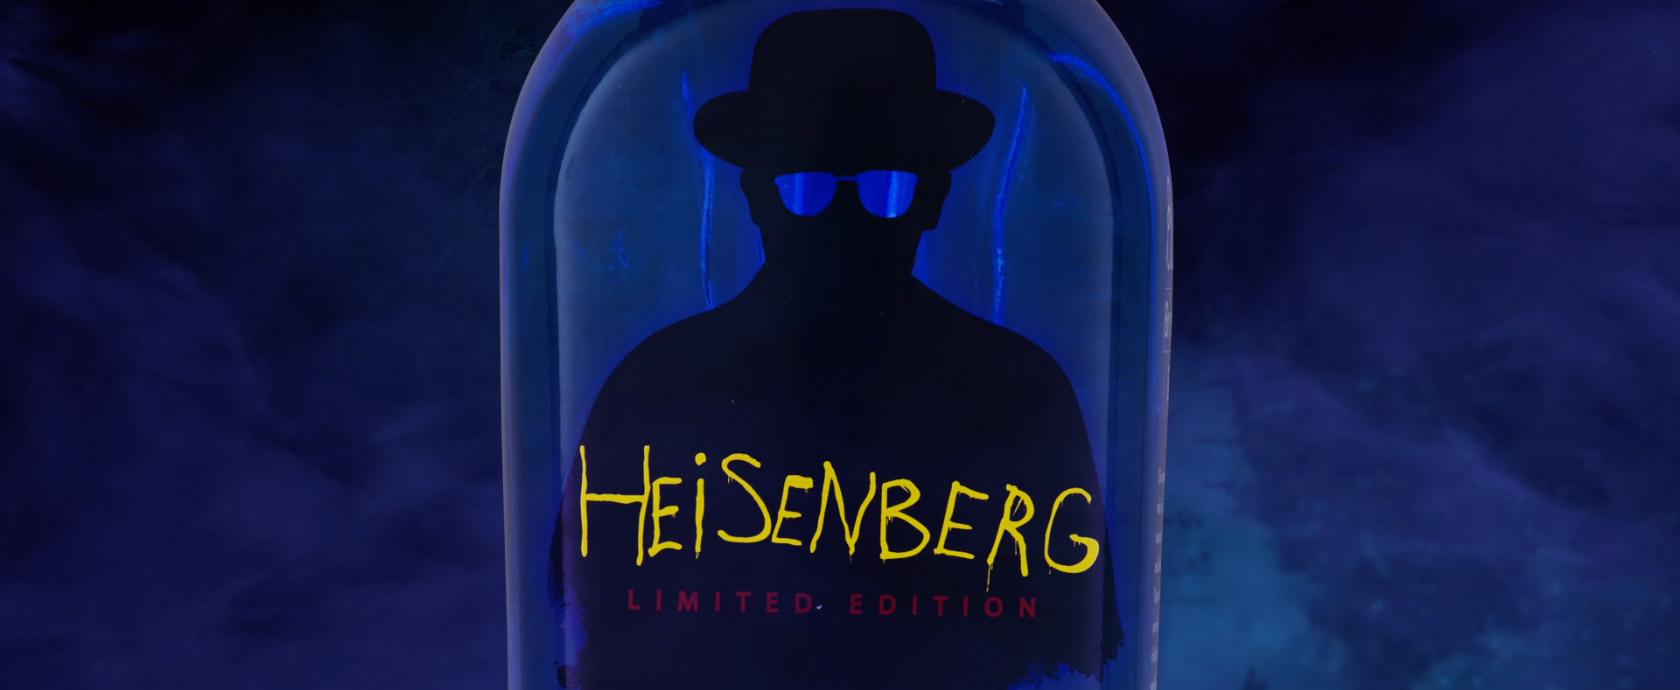 heisenberg_blue_vodka_home